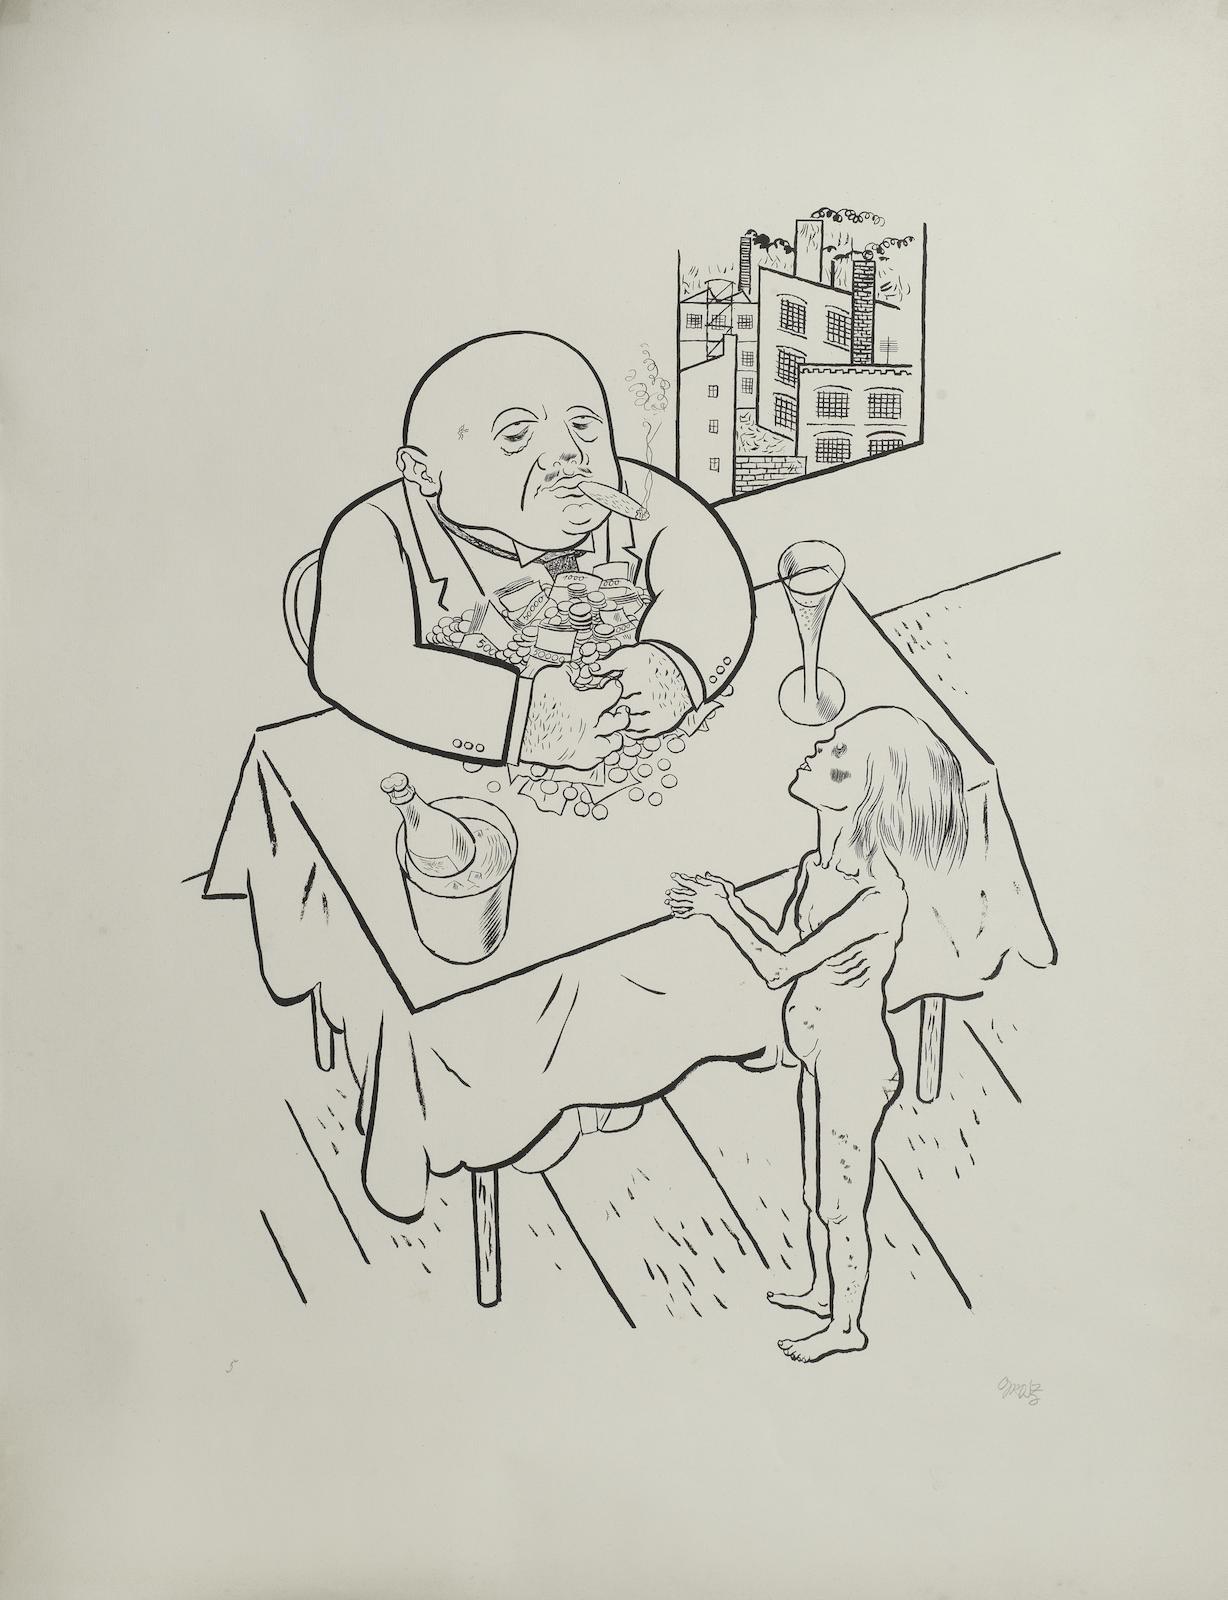 George Grosz-Lowen und Leoparden futtern ihre Jungen, from 'Die Rauber'-1922